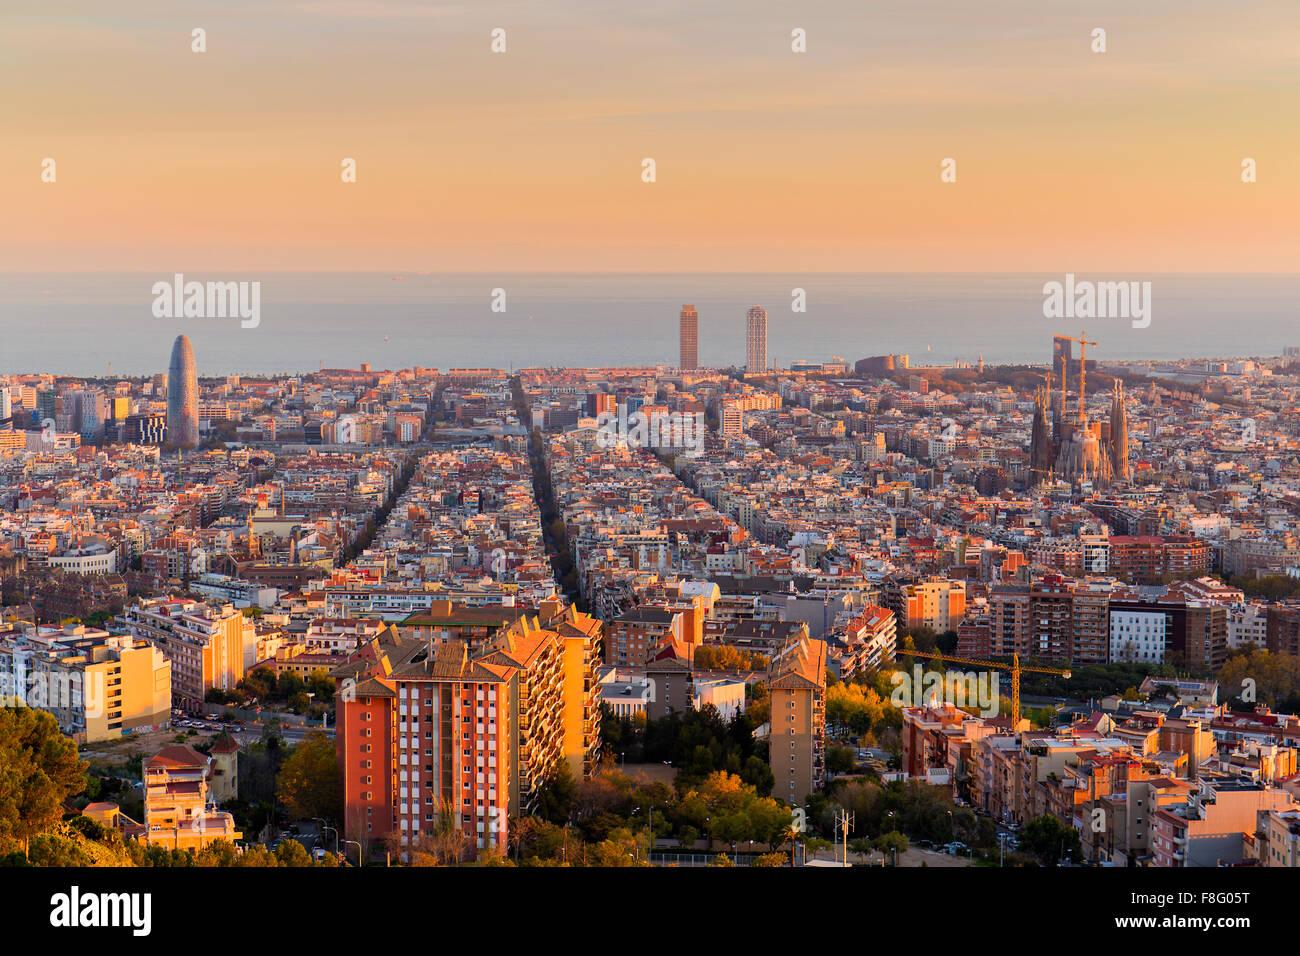 Lo skyline di Barcellona nel pomeriggio a Ora d'Oro Immagini Stock